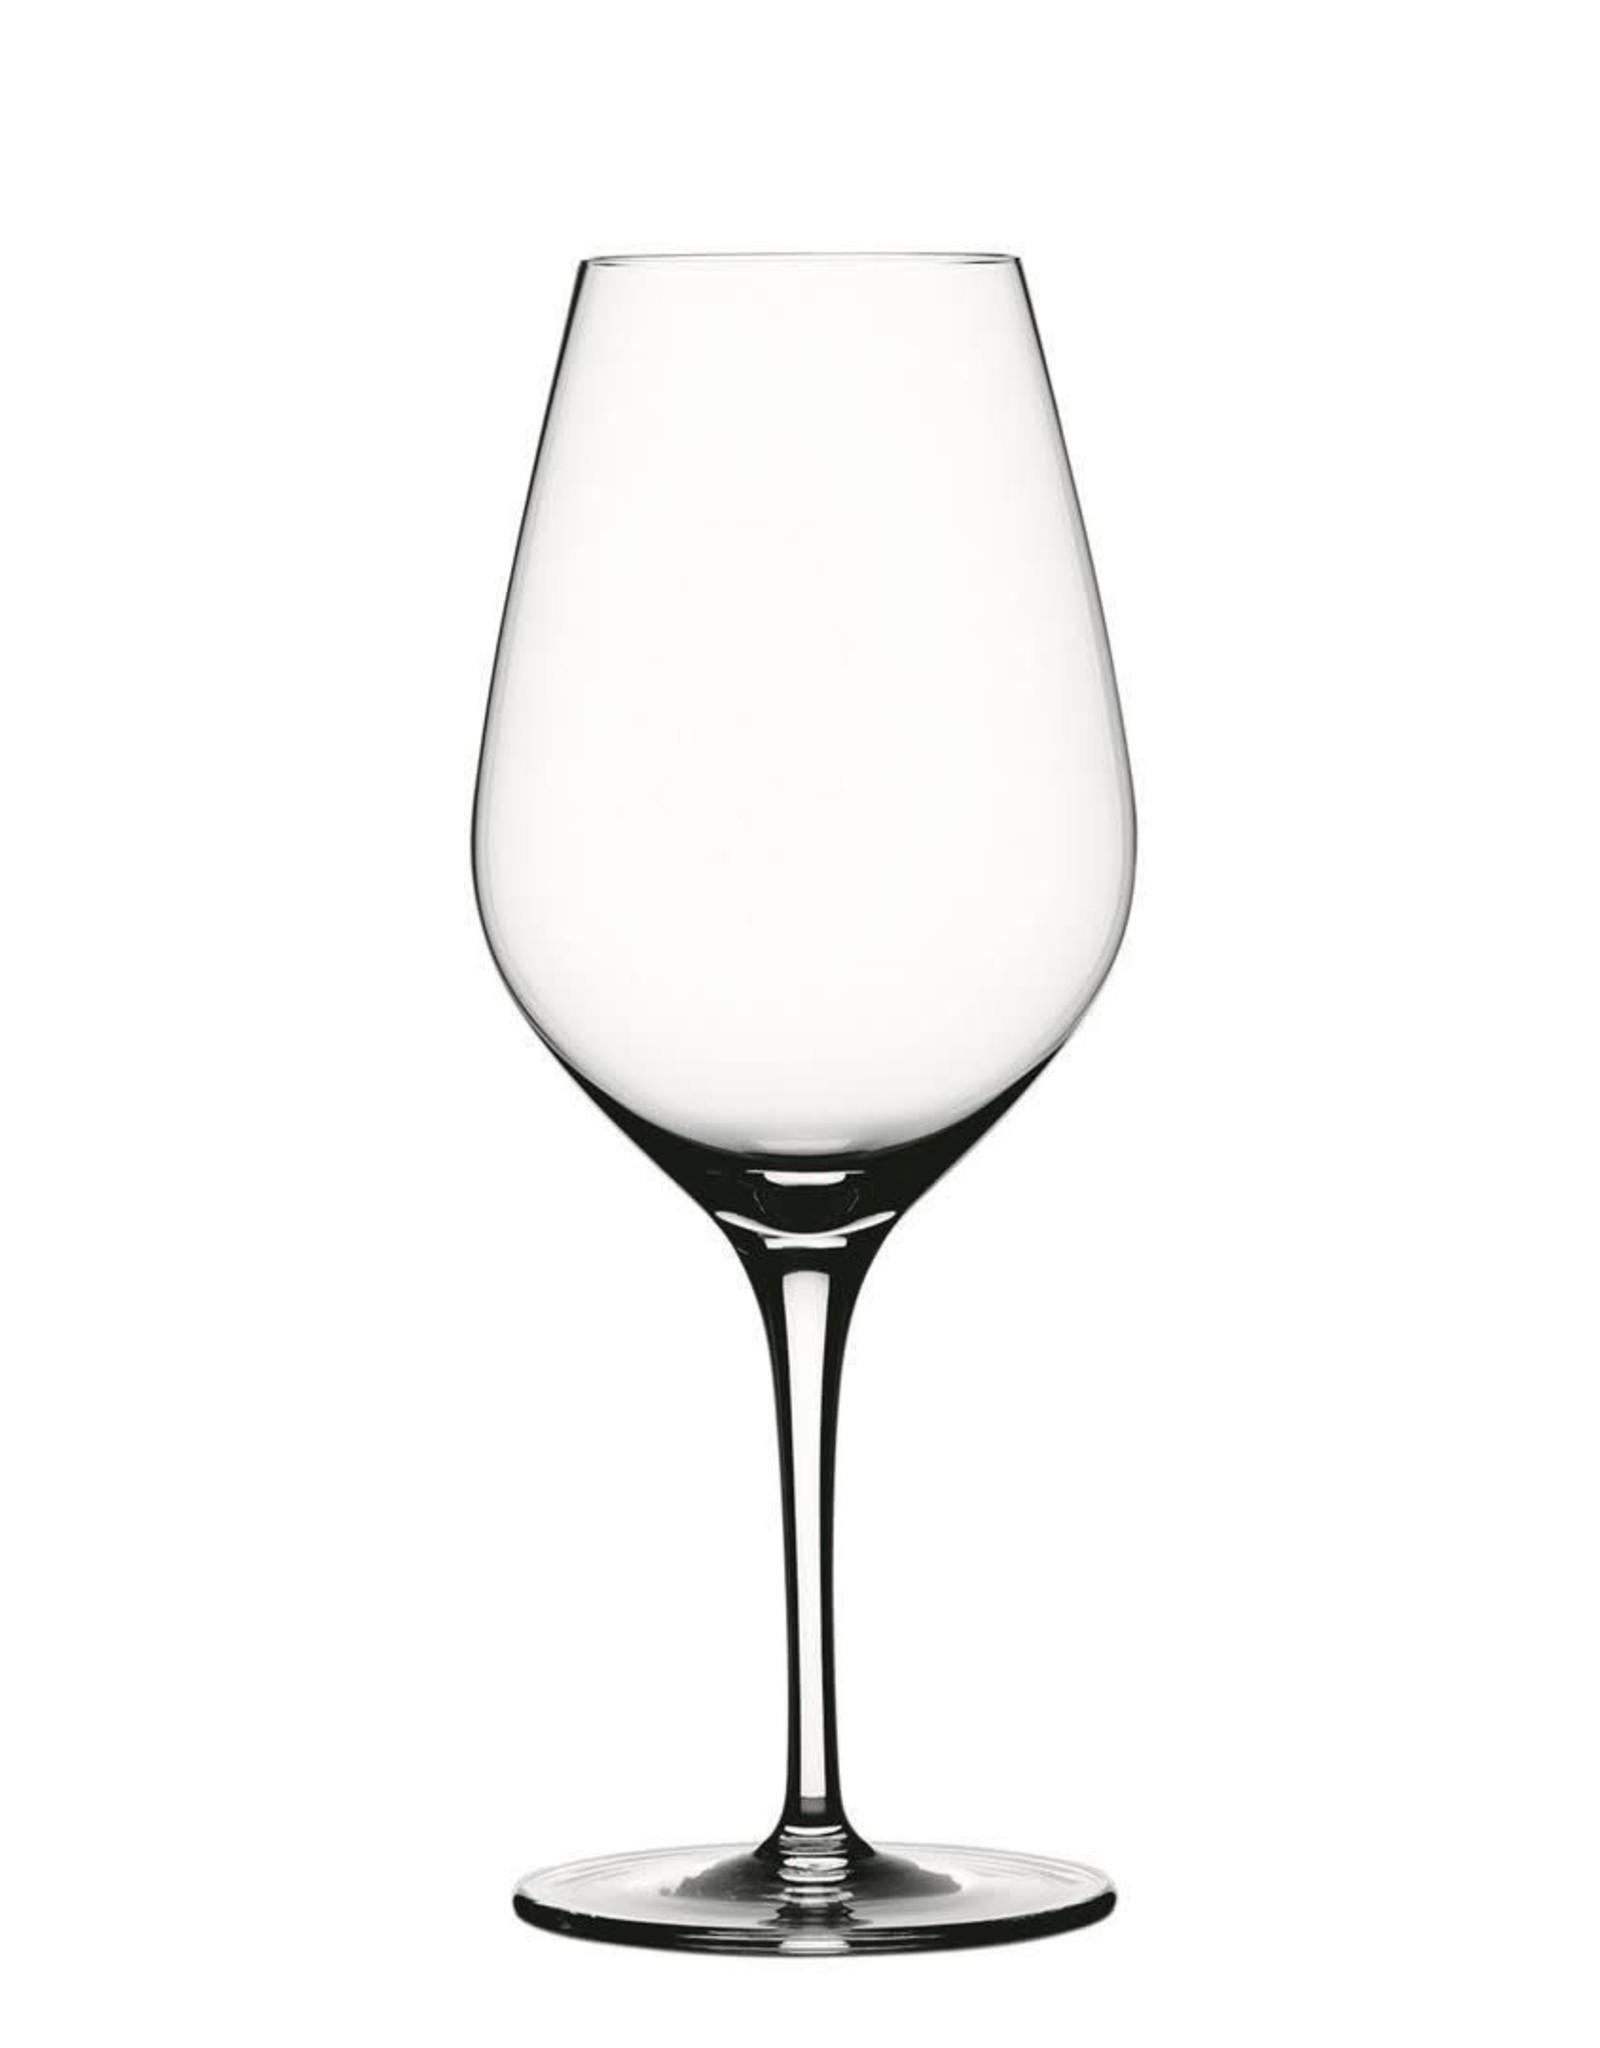 spiegelau Spiegelau. Wittewijnglas 'Authentis', 420 ml. Set van 4 stuks.